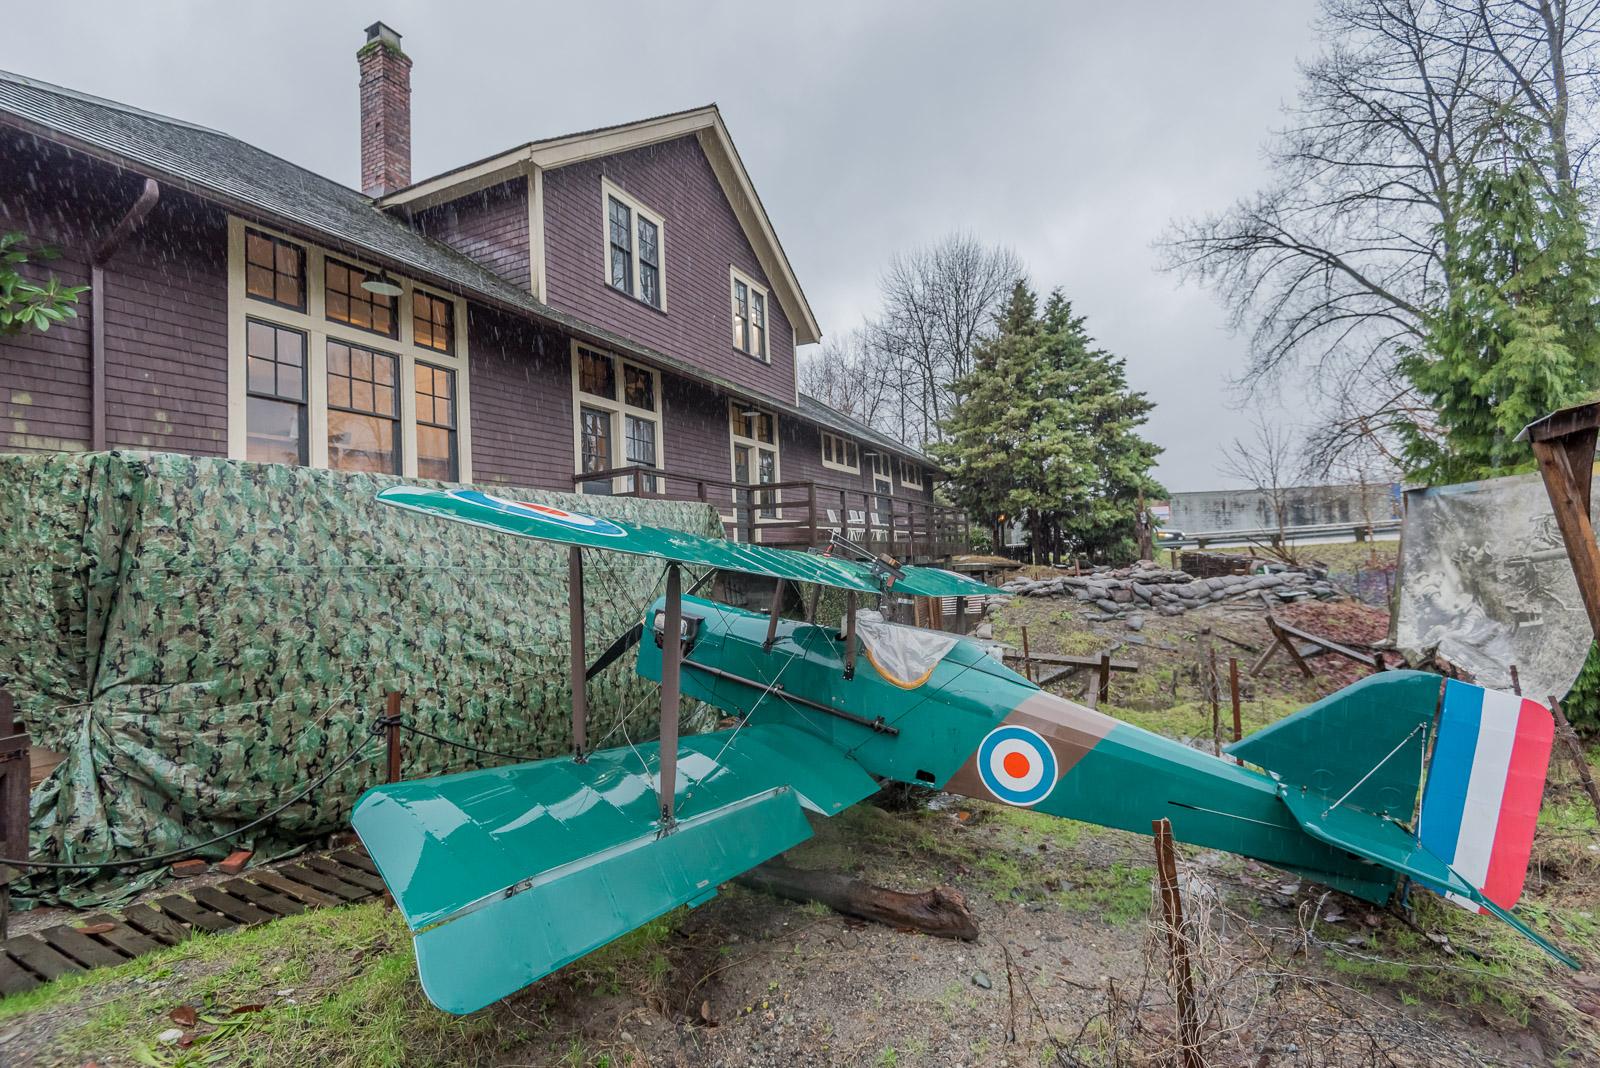 SE5A replica biplane